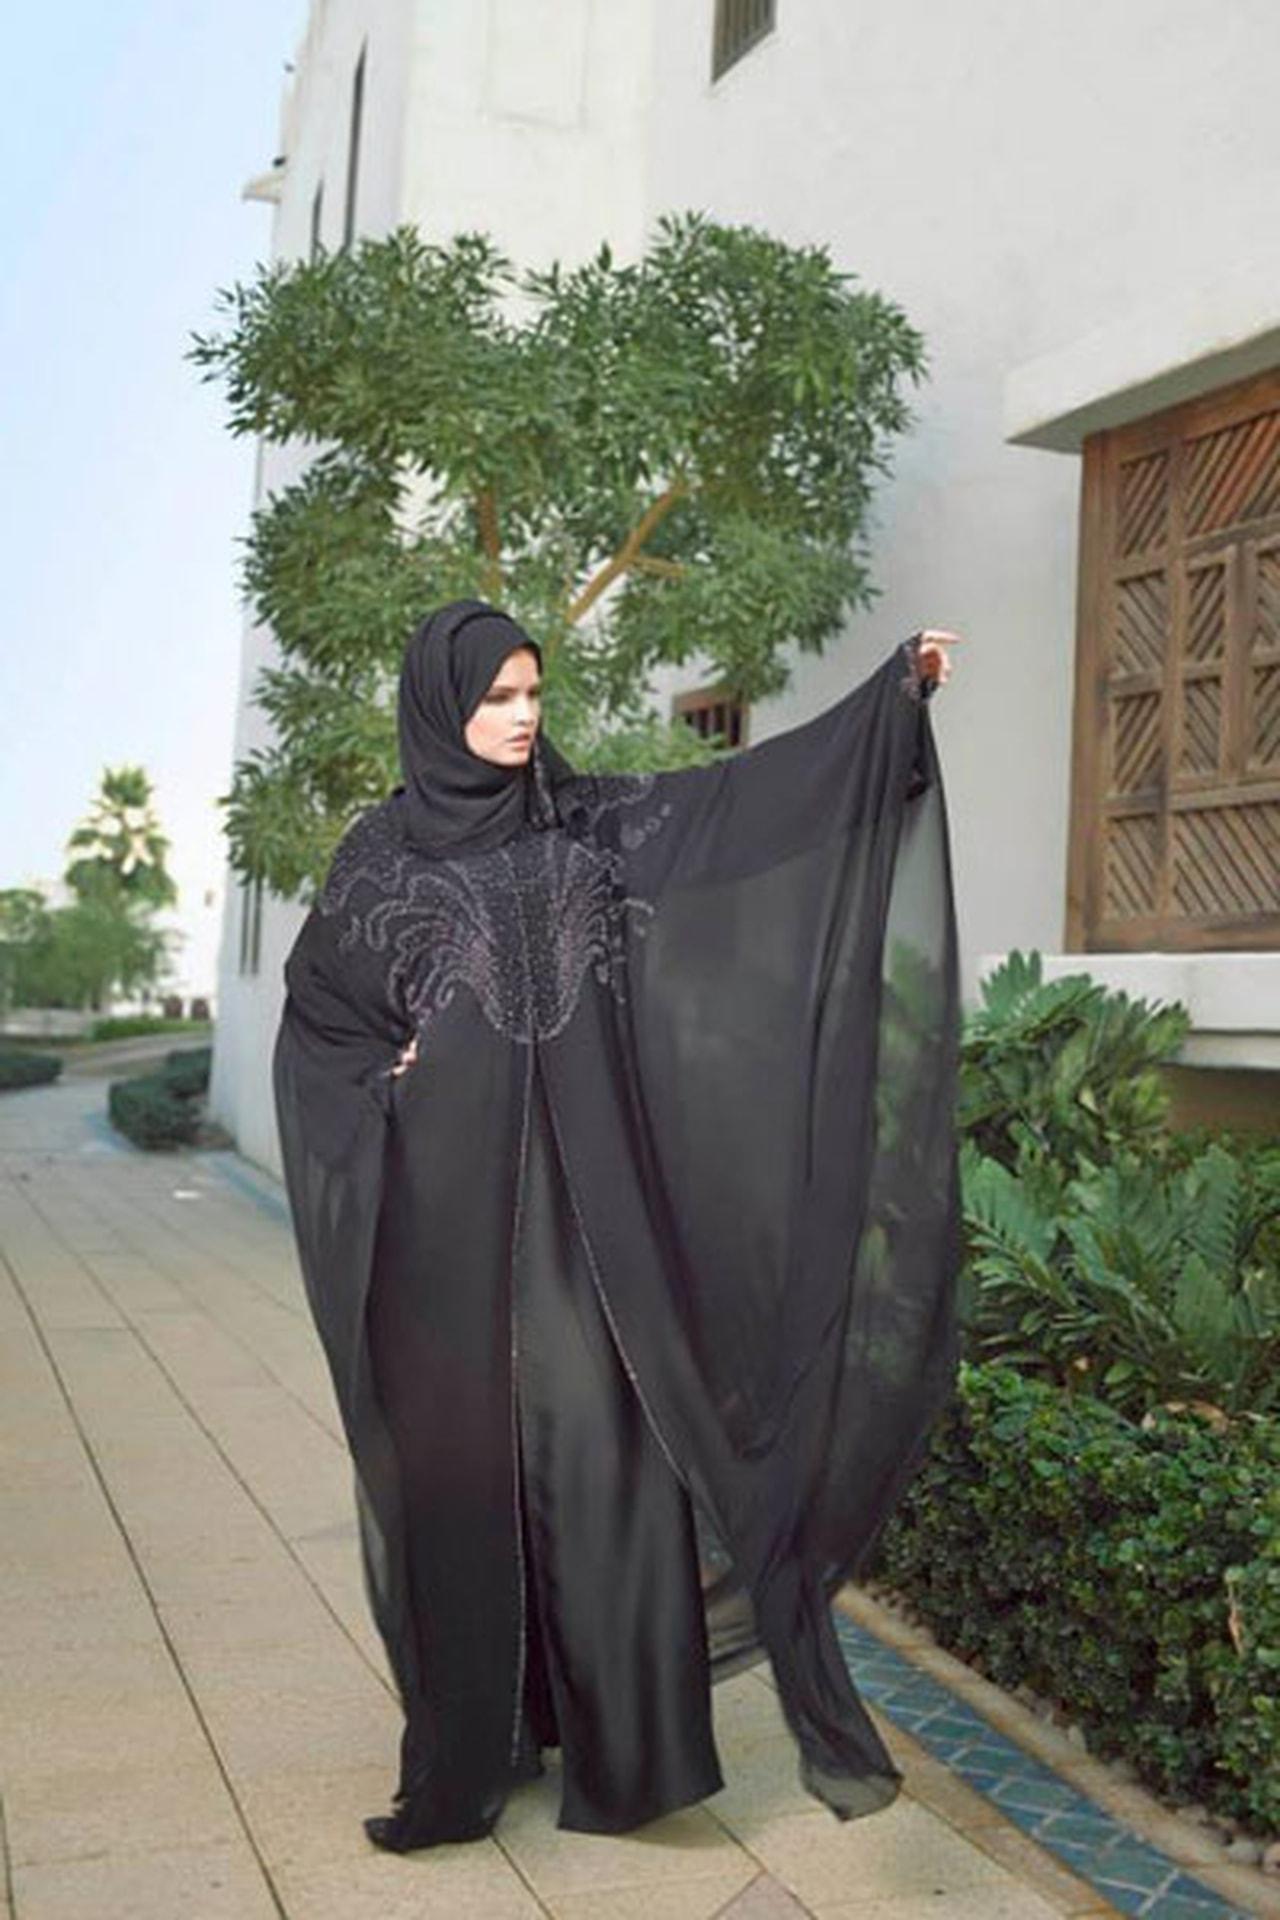 بالصور عبايات خليجية , صور حديثة للتصميمات العصرية للعباءة الخليجي 1365 8